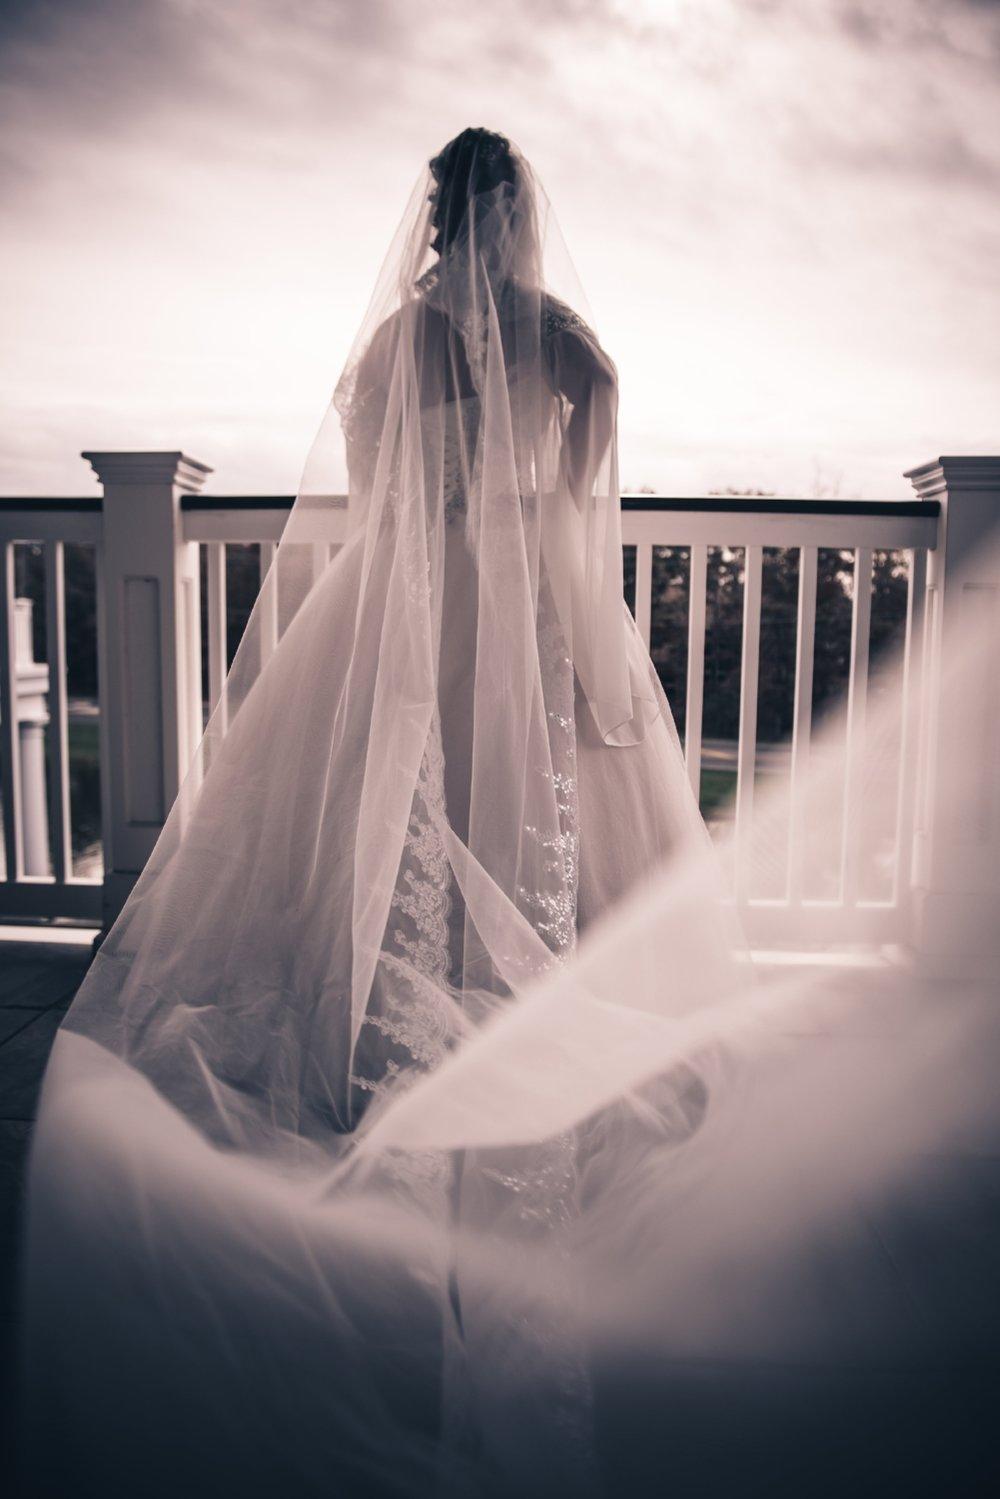 renaissance-bride-alone